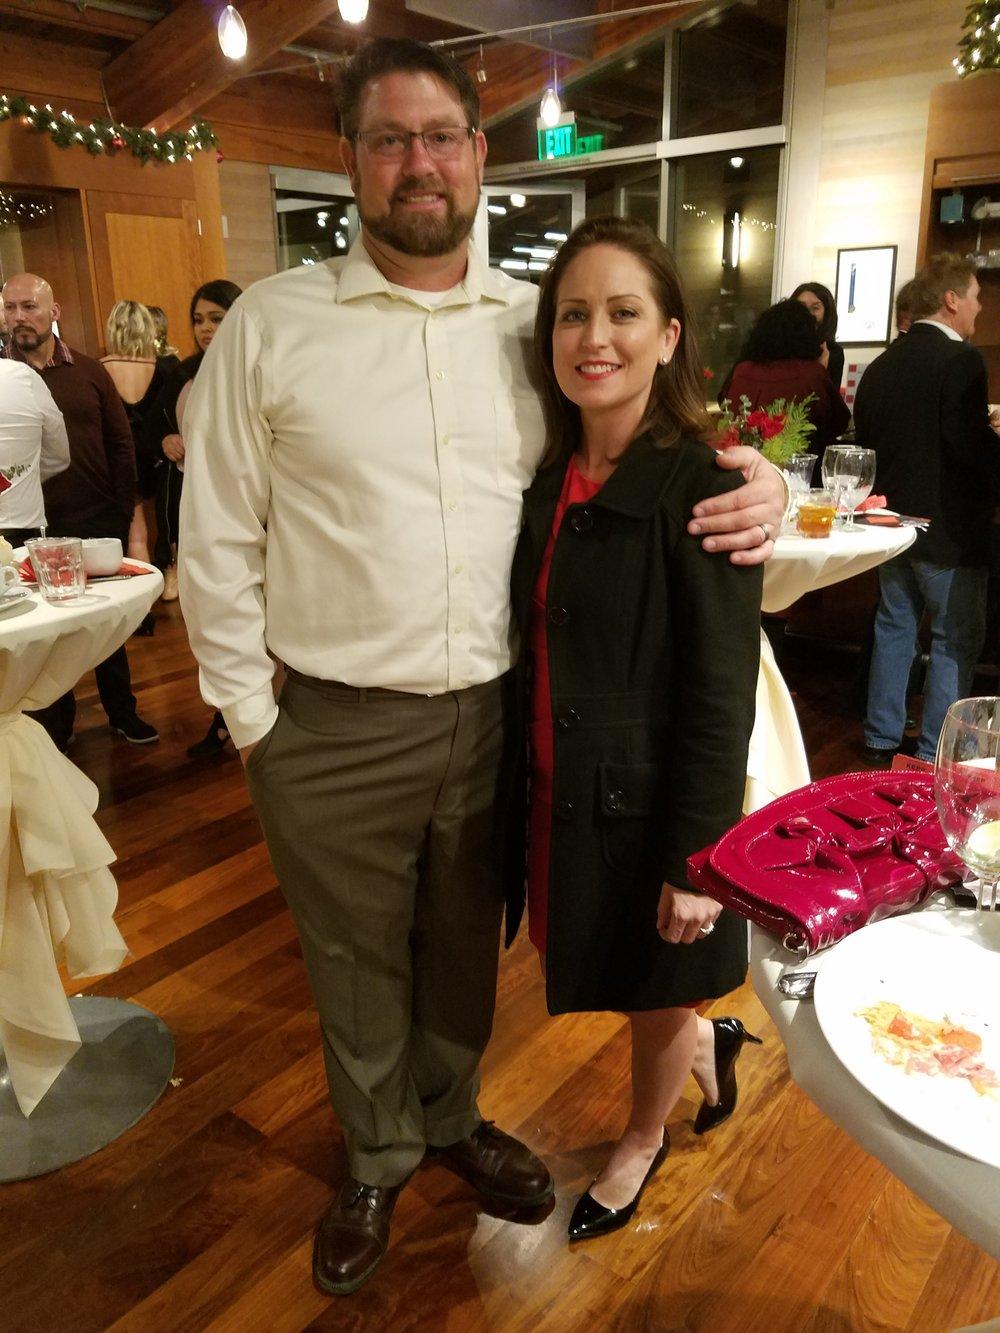 Nick and Alyssa